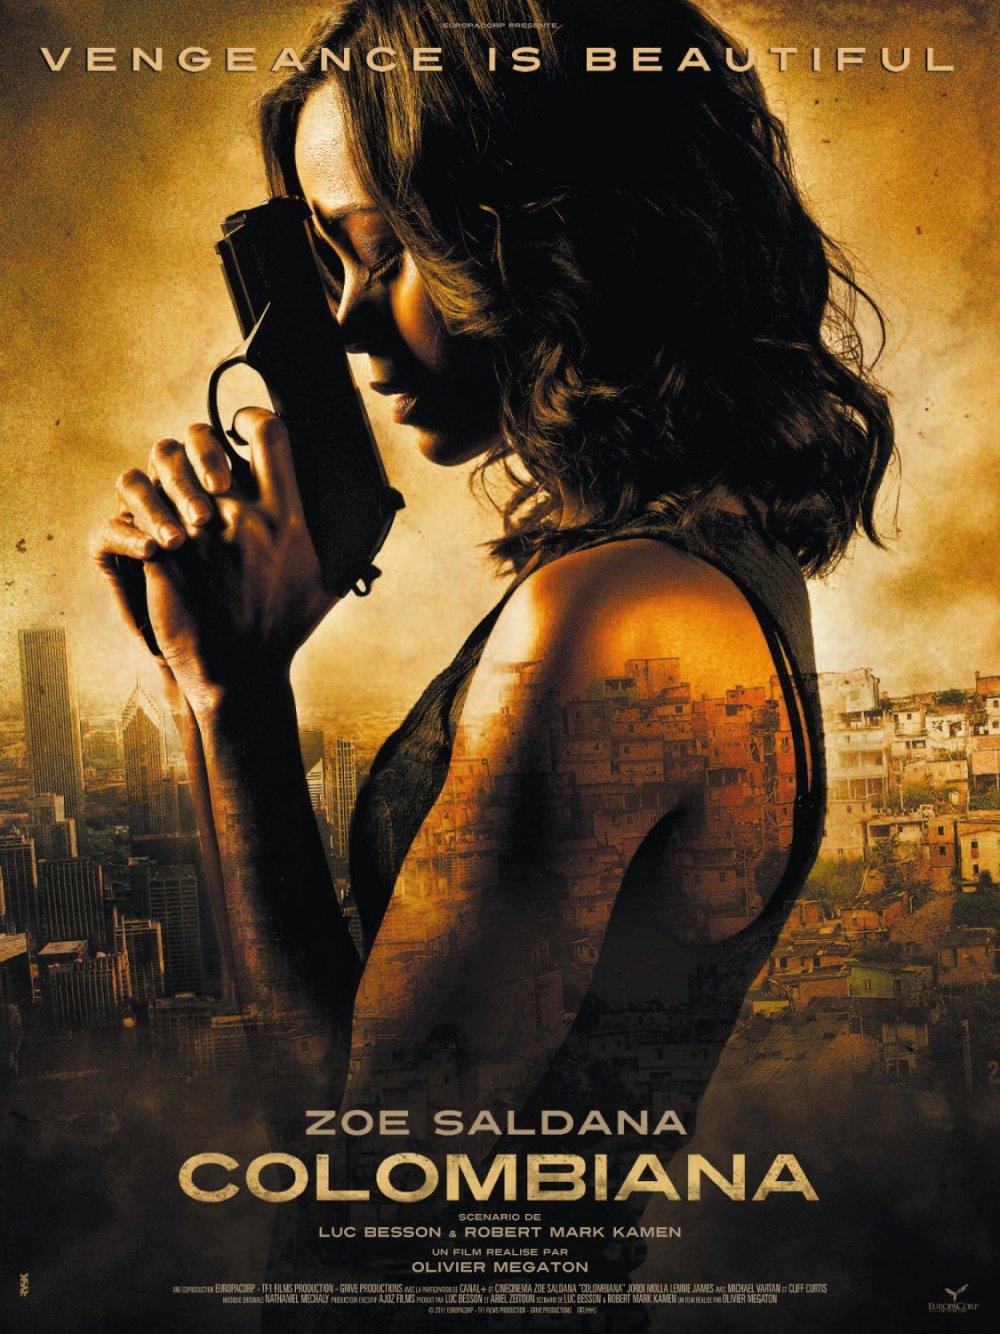 Eerste Colombiana poster met Zoe Saldana